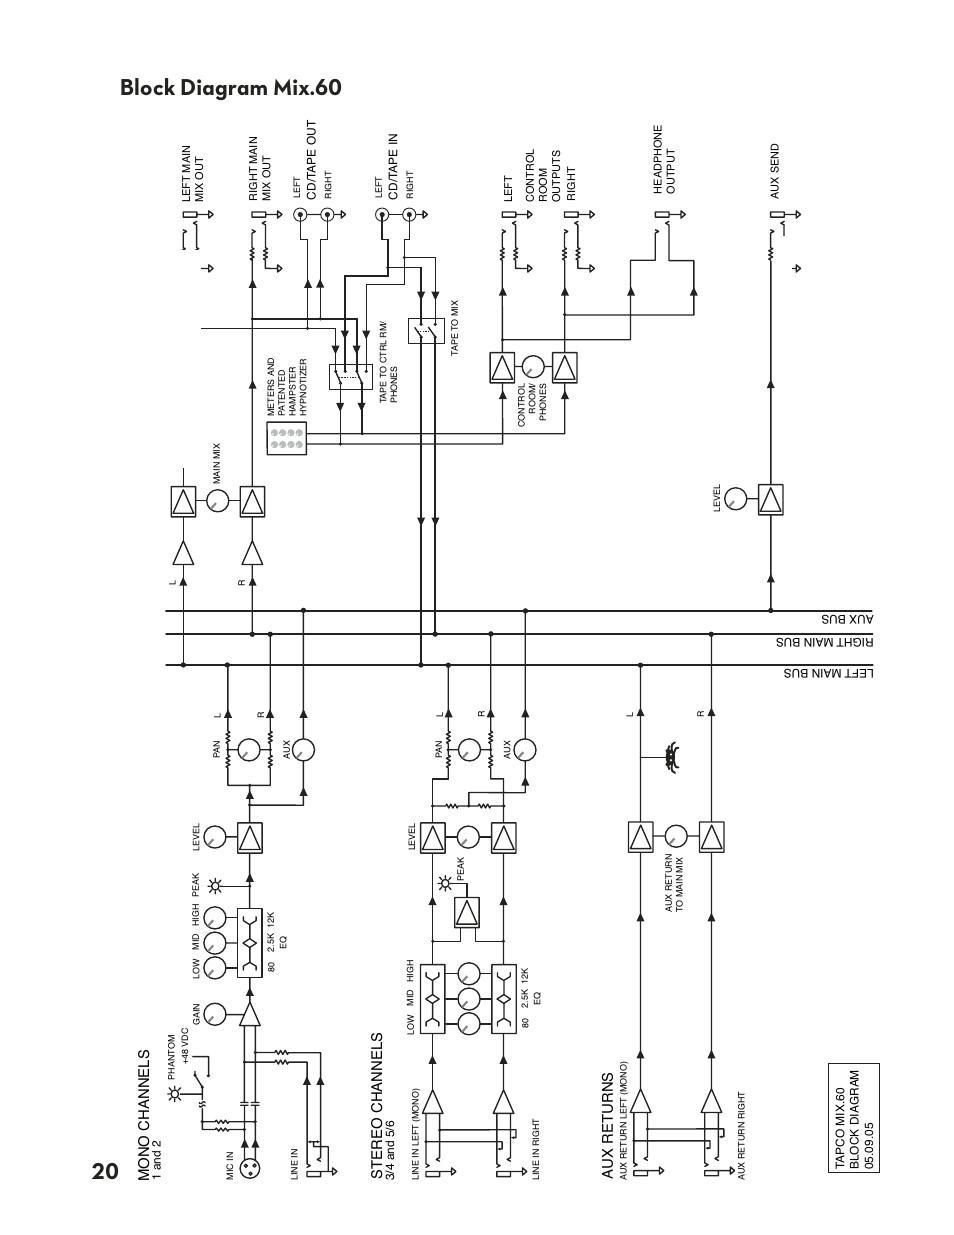 Block diagram mix.60, 20 block diagram mix.60, Mono